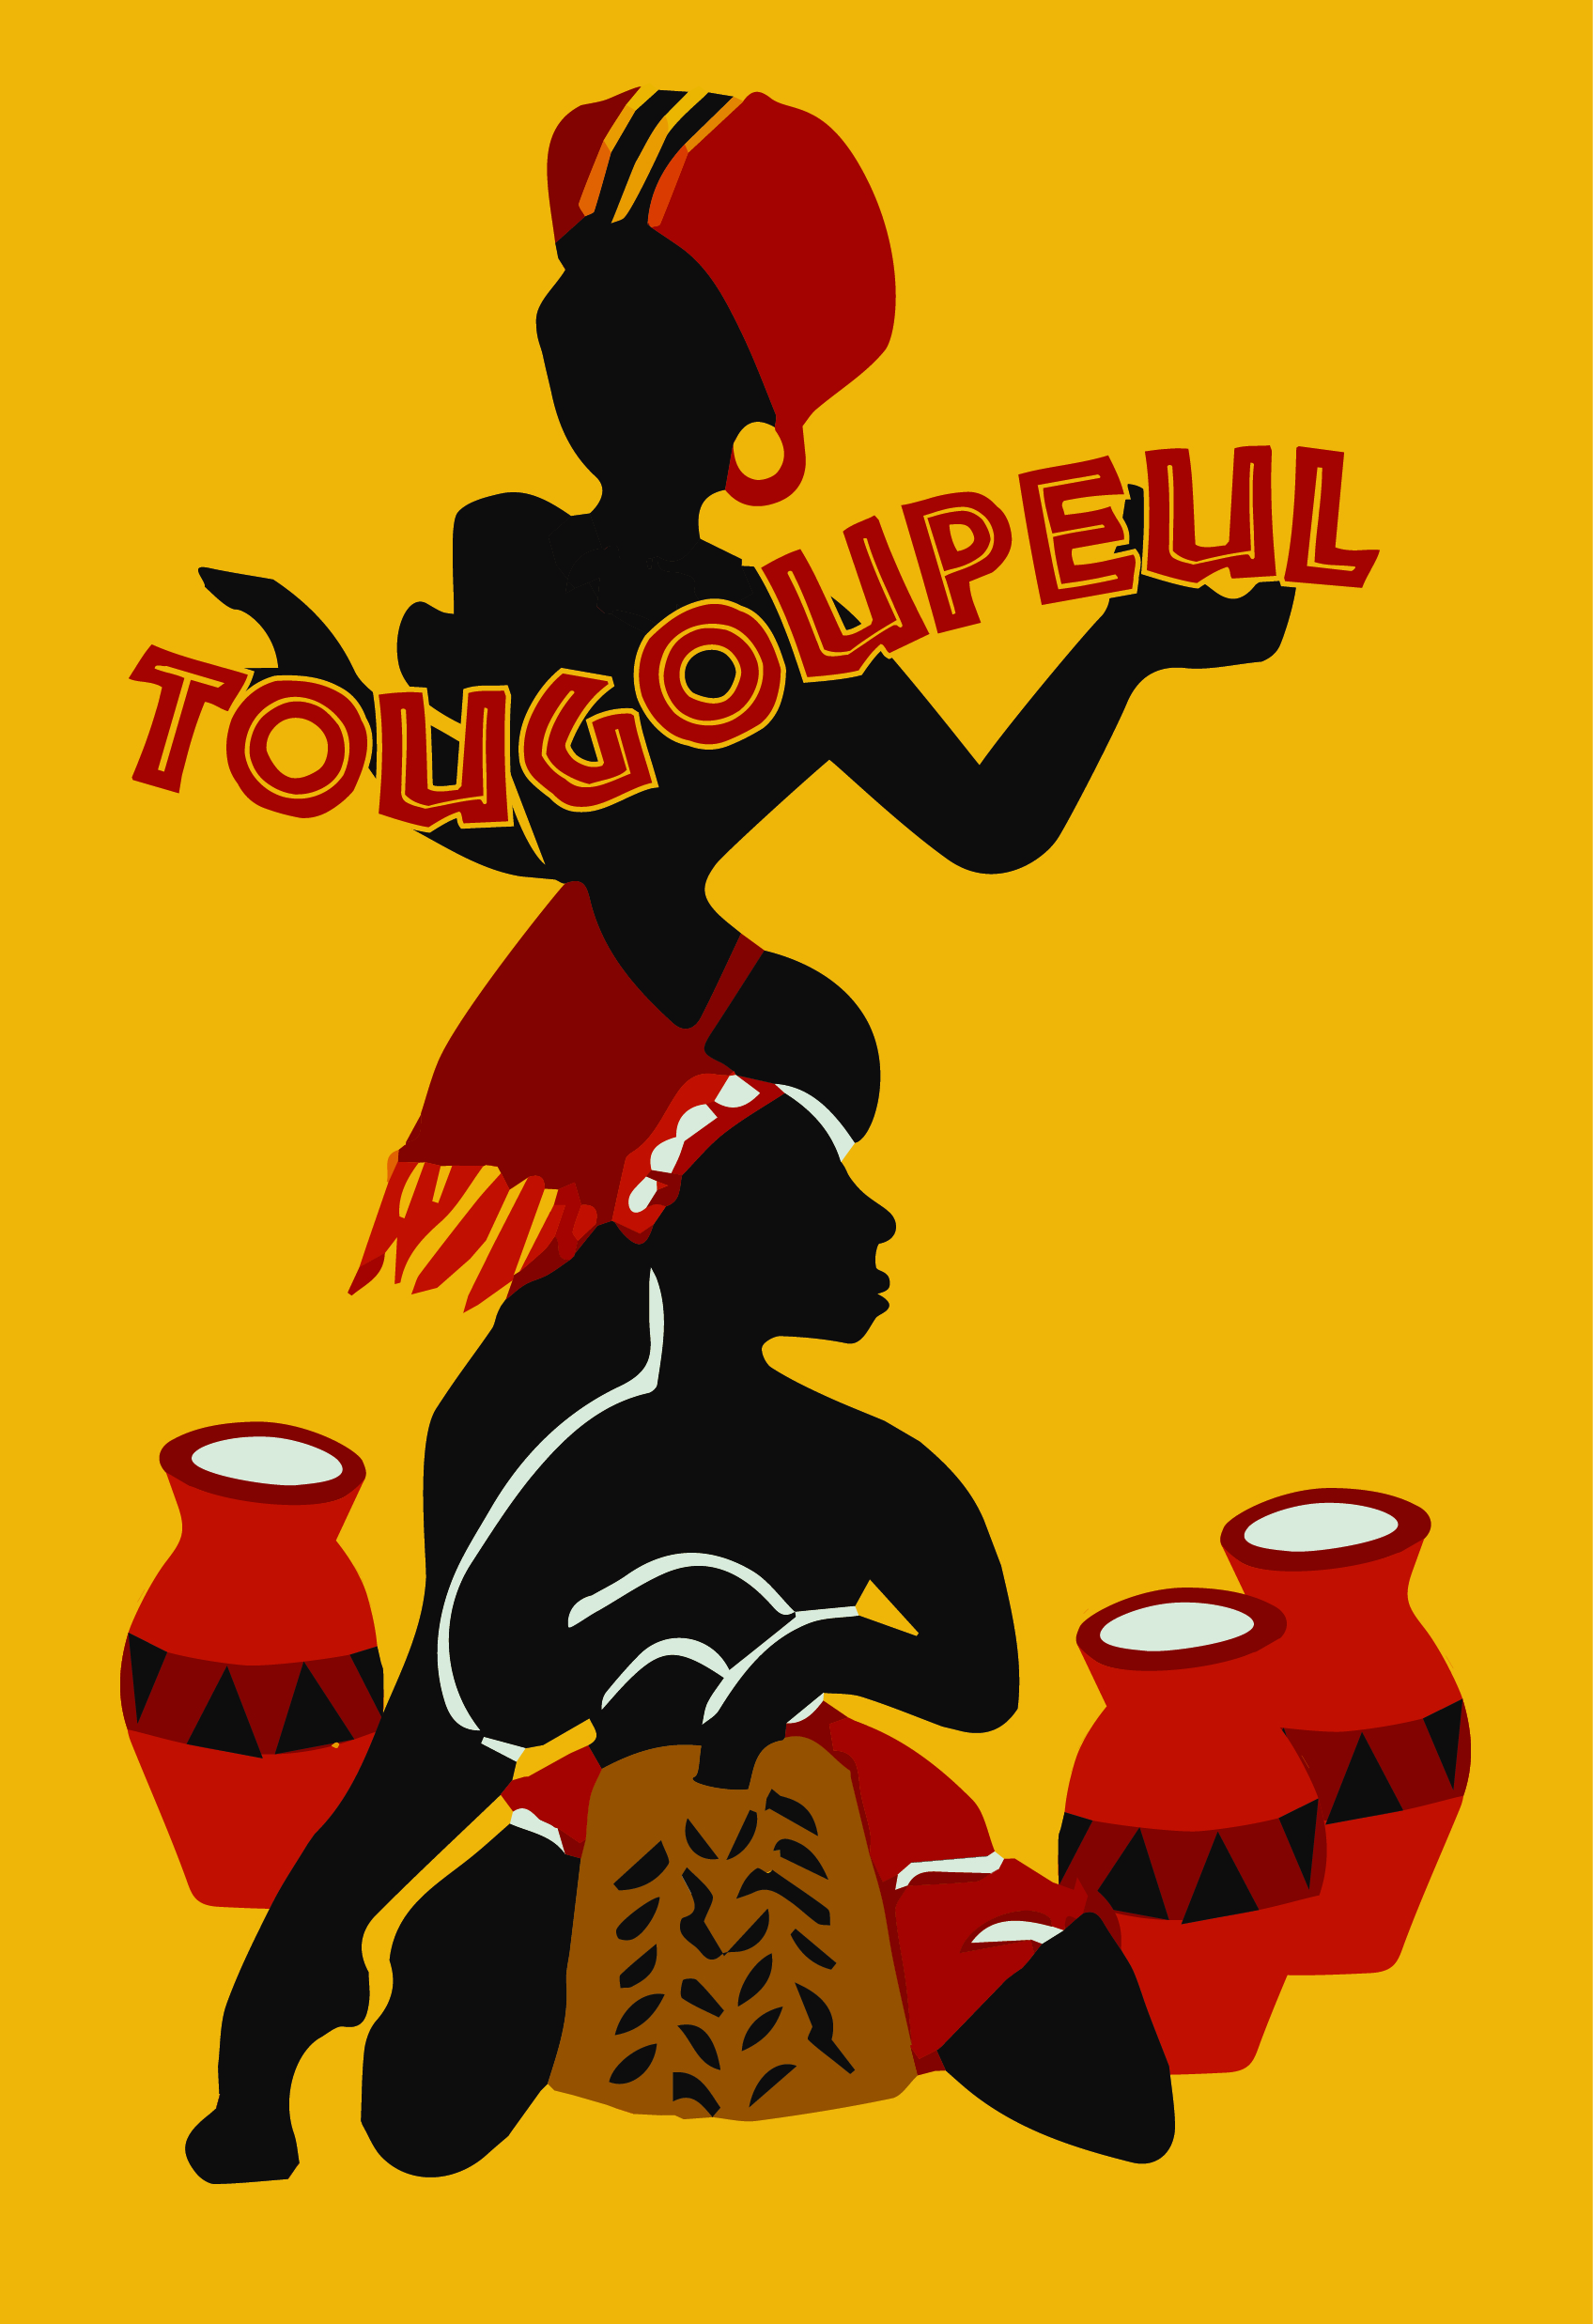 Het logo van vzw Tougoupeul